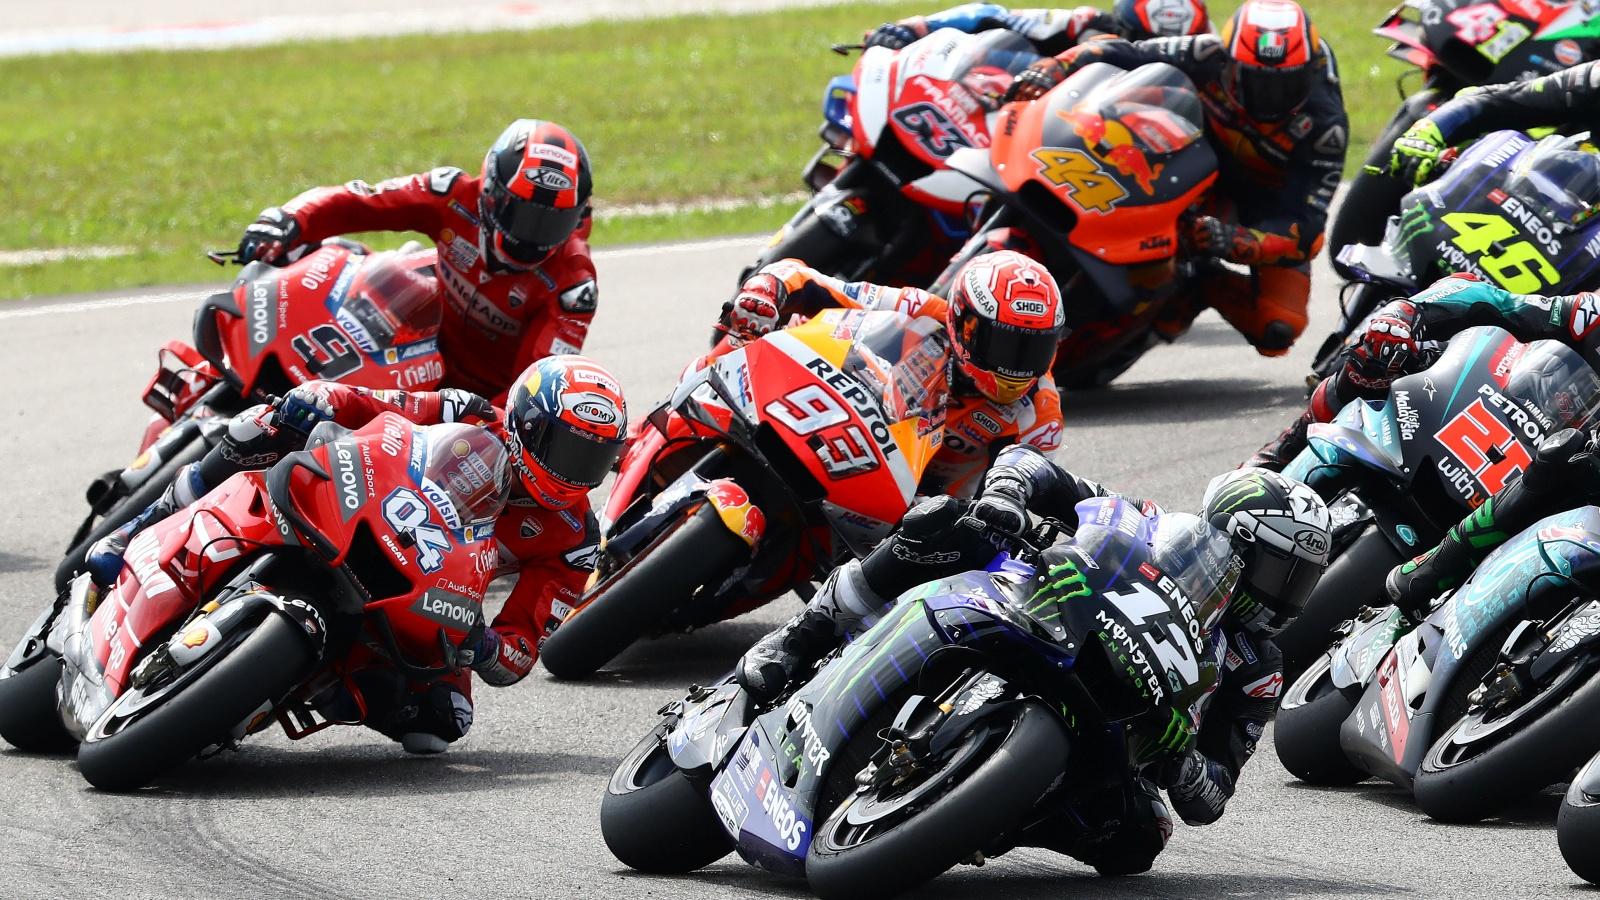 MotoGP 2020 tendrá un 15º GP tras Valencia pero no será Argentina, Malasia ni Tailandia